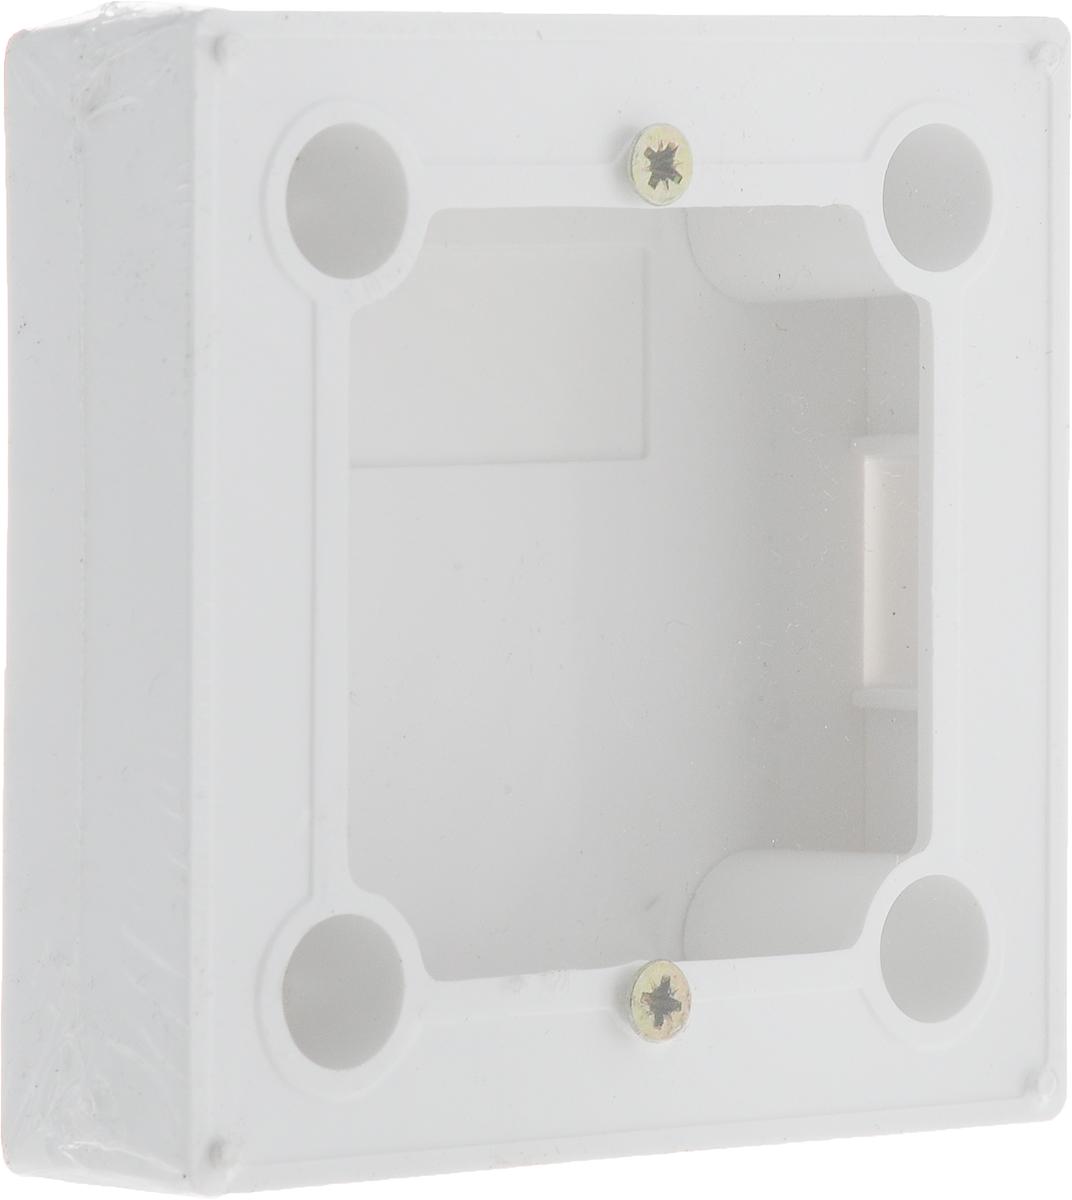 Бокс Rexant BN-01, для накладного монтажа электроустановочных изделий, цвет: белый терморегулятор механический rexant rx 308b